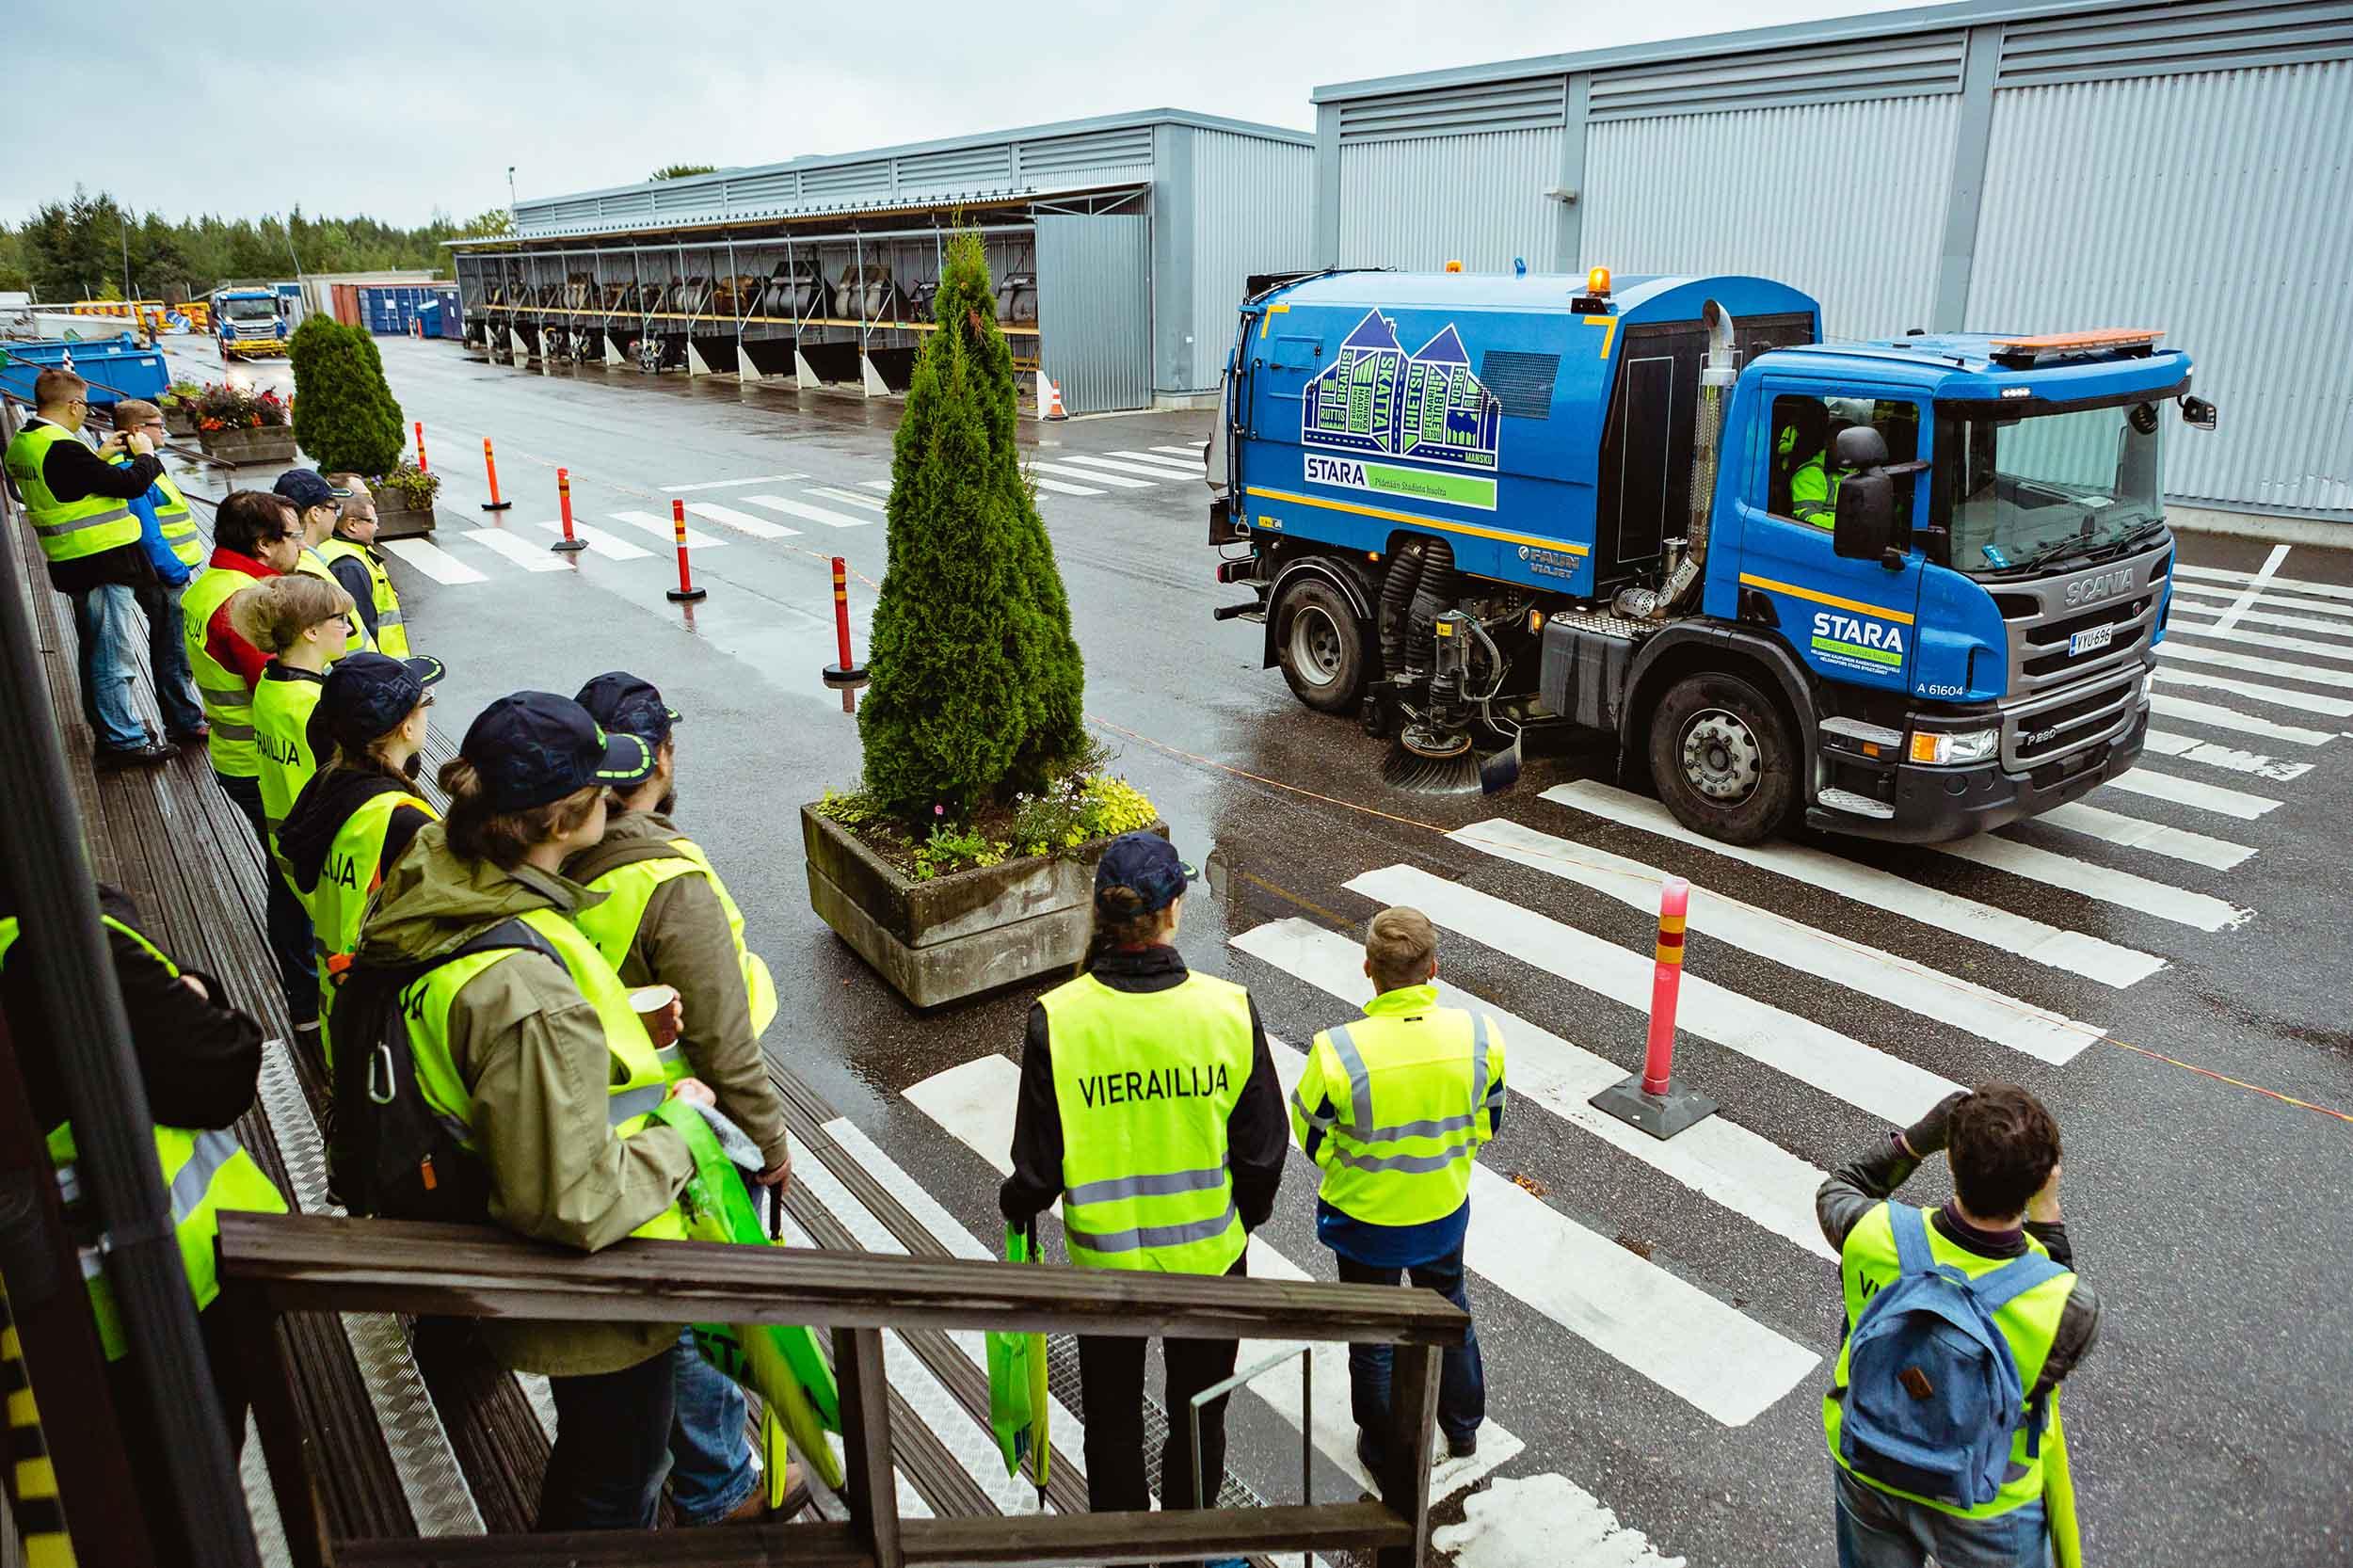 """Ryhmä ihmisiä seisoo ulkona ja tarkastelee sinistä kuorma-autoa, jossa kadunpuhdistusharjat. Kaikilla päällä keltaiset liivit, joissa lukee """"Vierailija""""."""